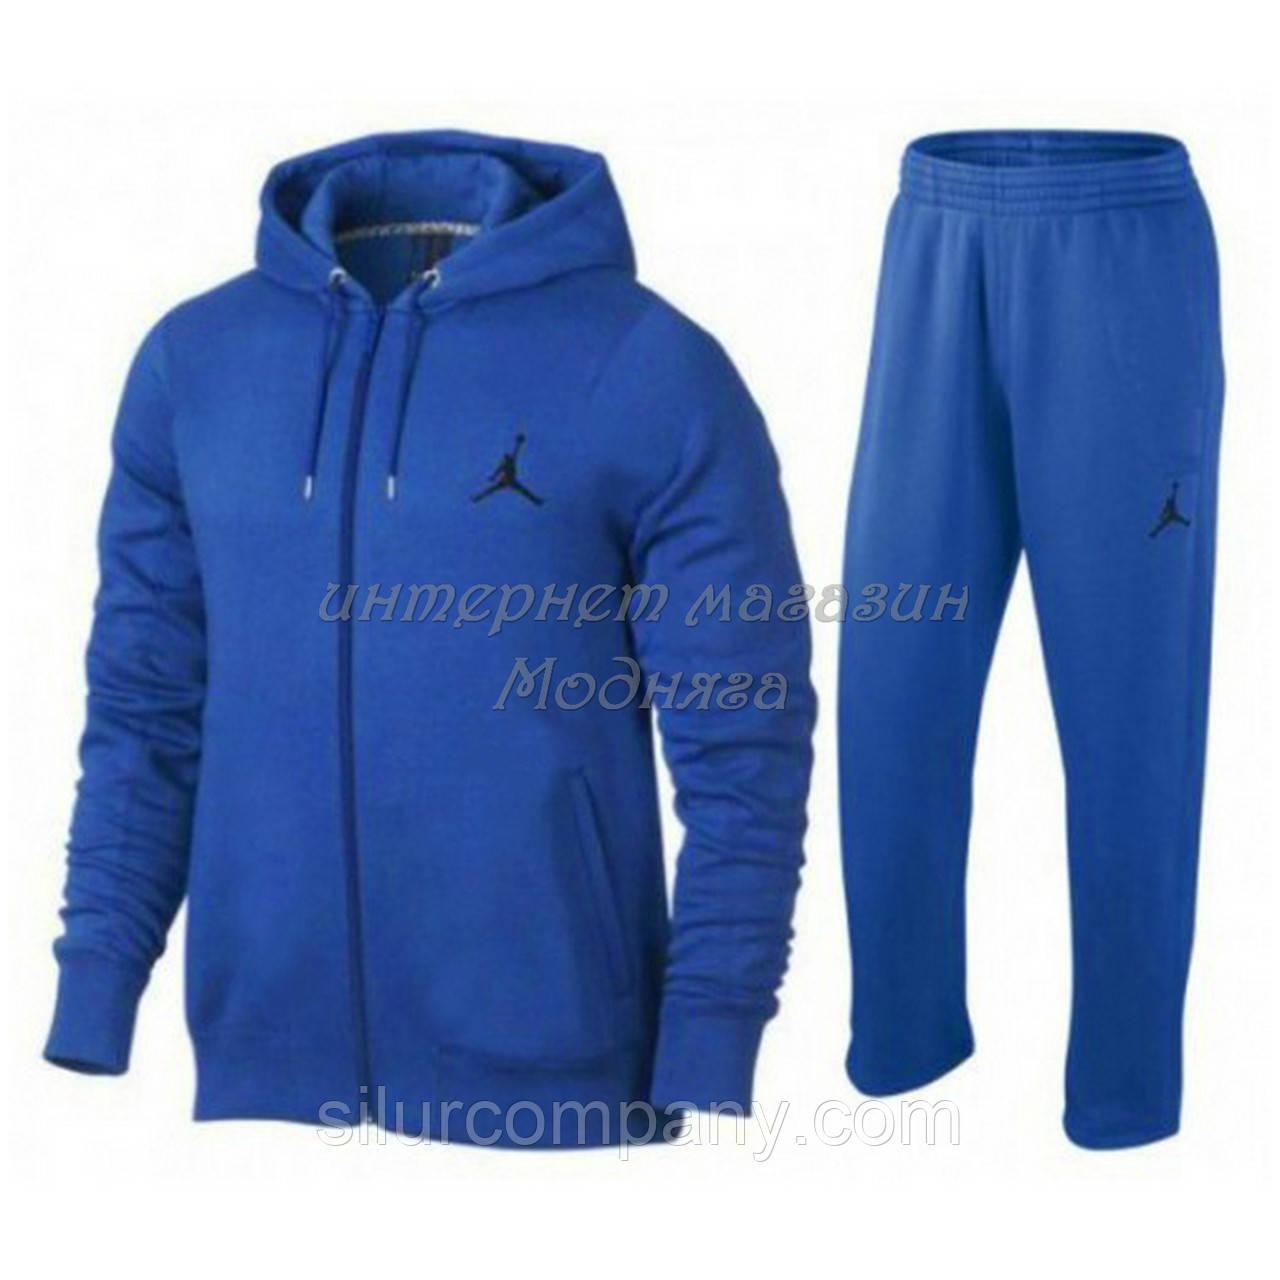 Спортивный костюм Jordan синий  продажа, цена в Киеве, в Харькове ... 0c26fb44803